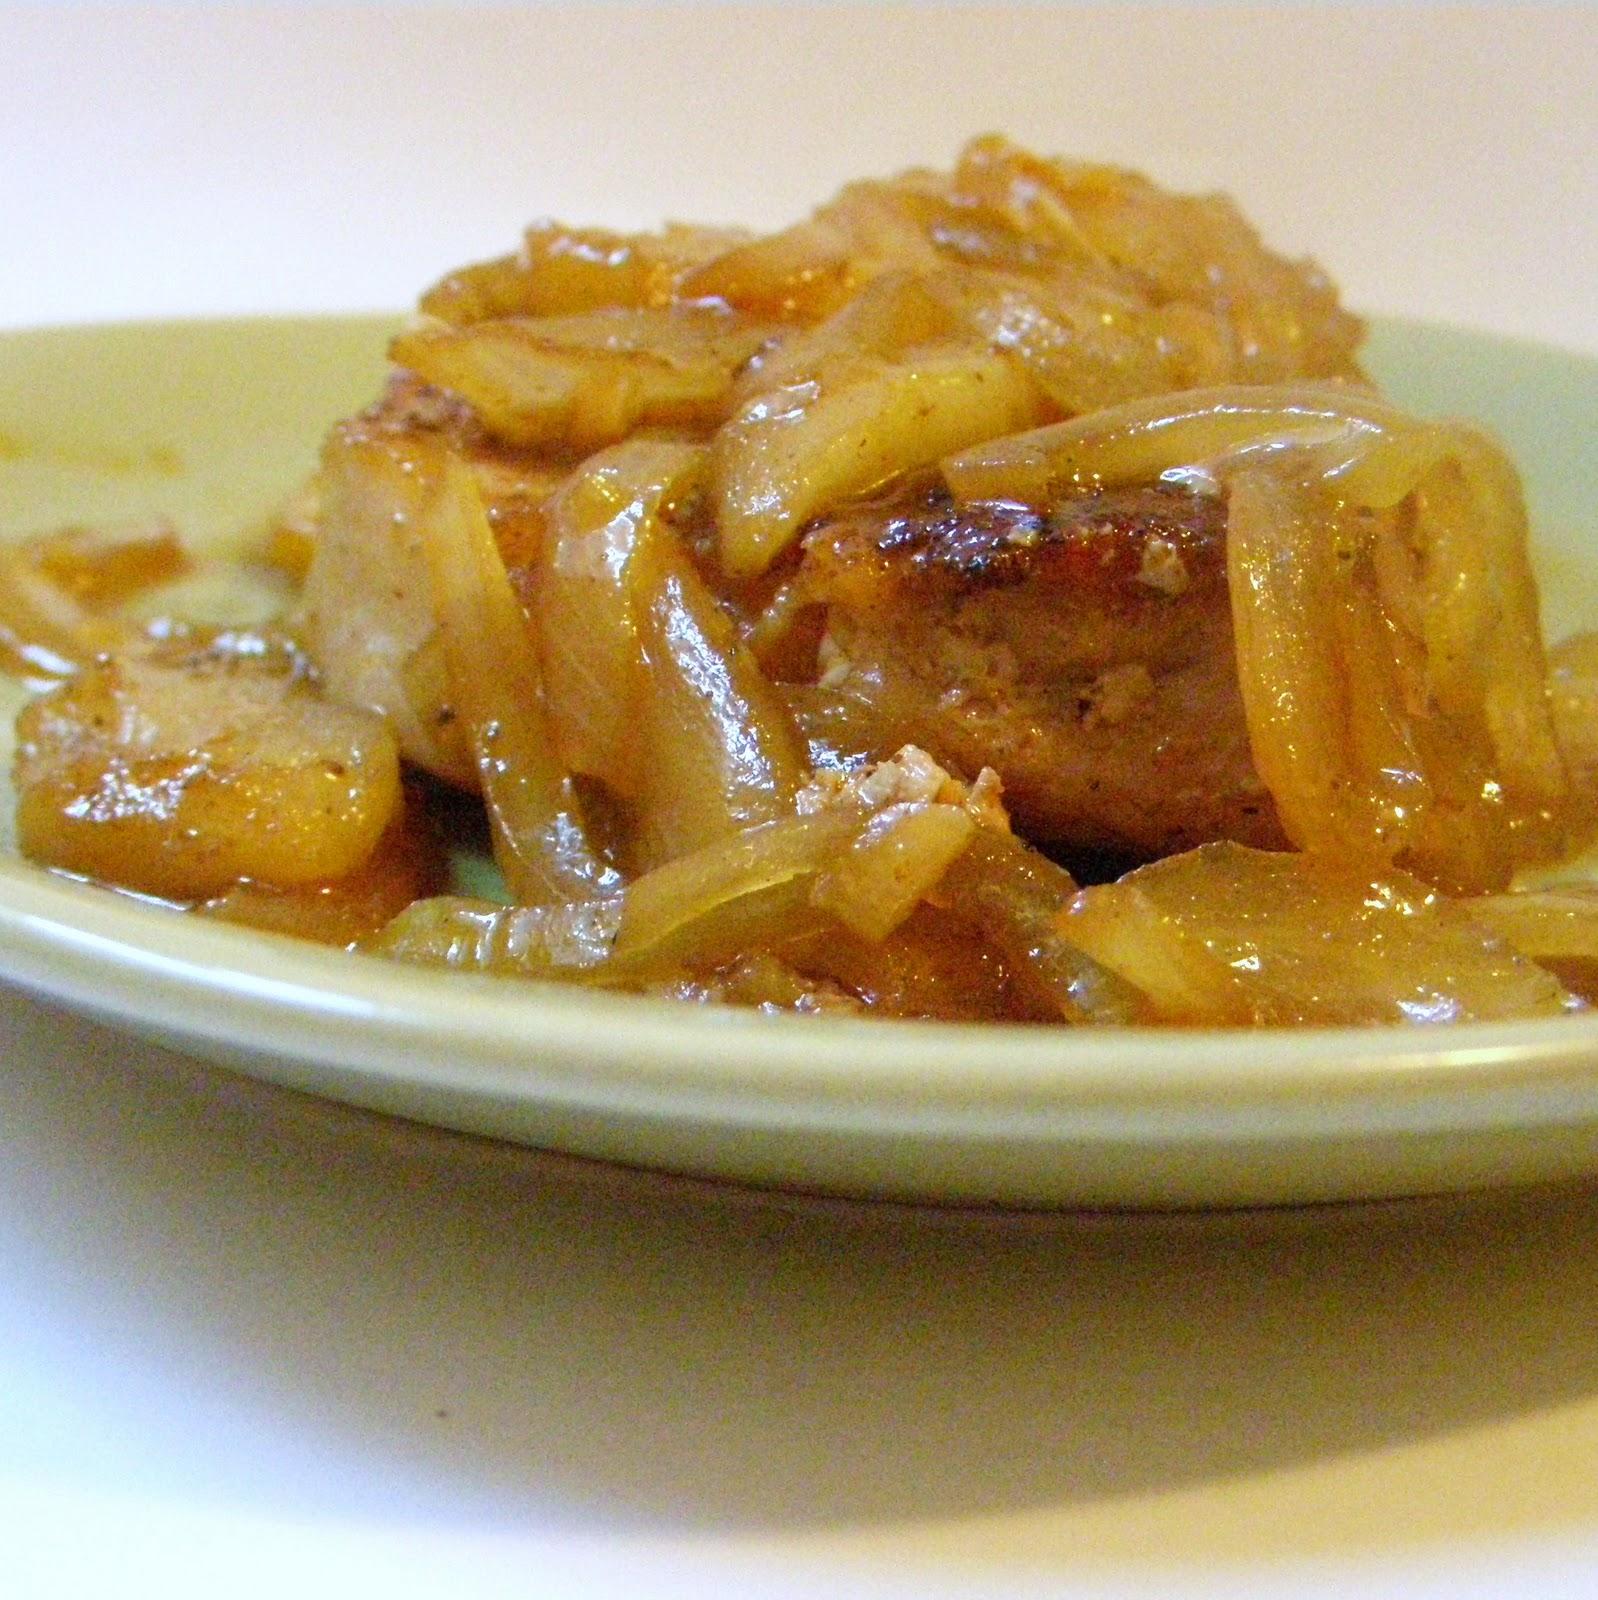 The Growing Foodie: Weeknight Dinner: Spiced Caramel Apple Pork Chops